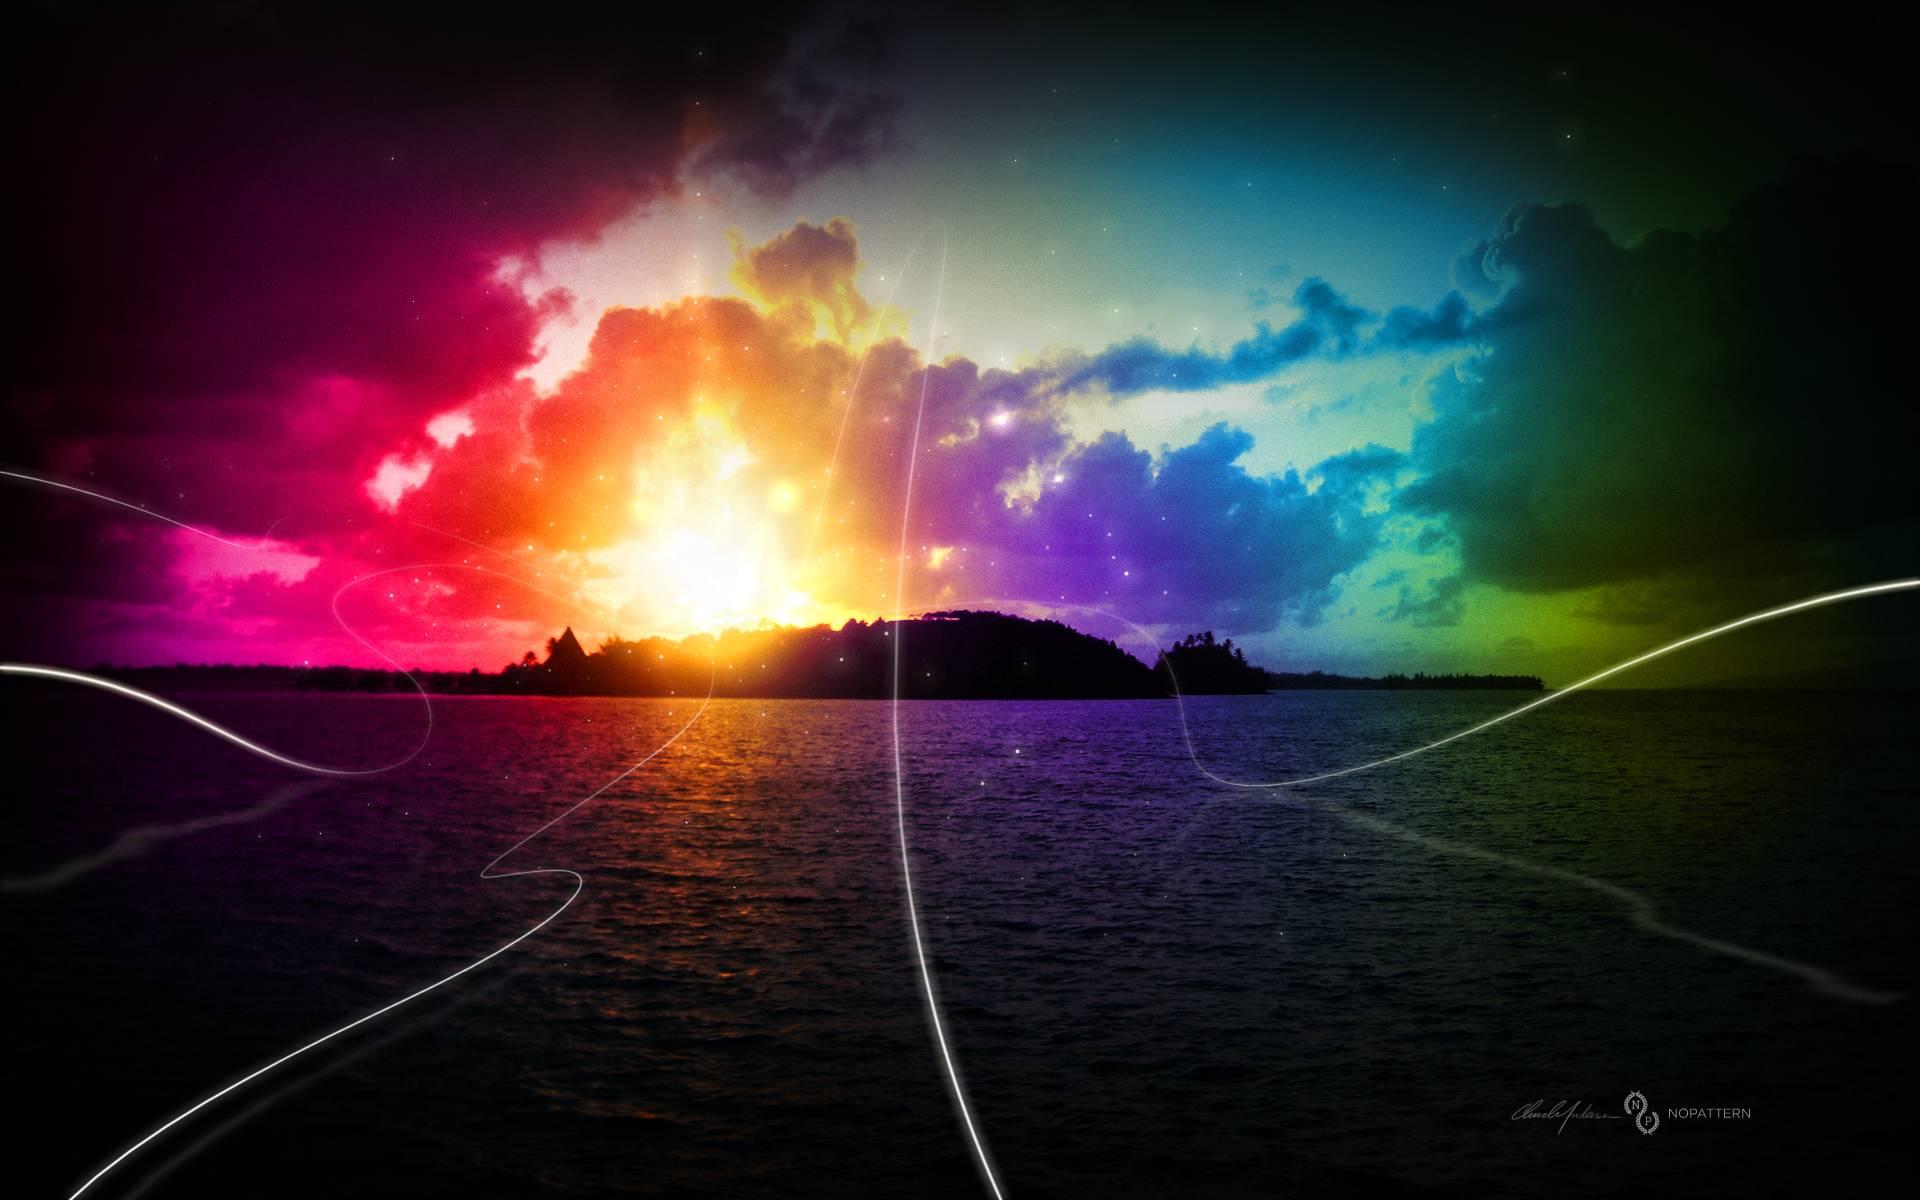 Surreal Backgrounds - WallpaperSafari